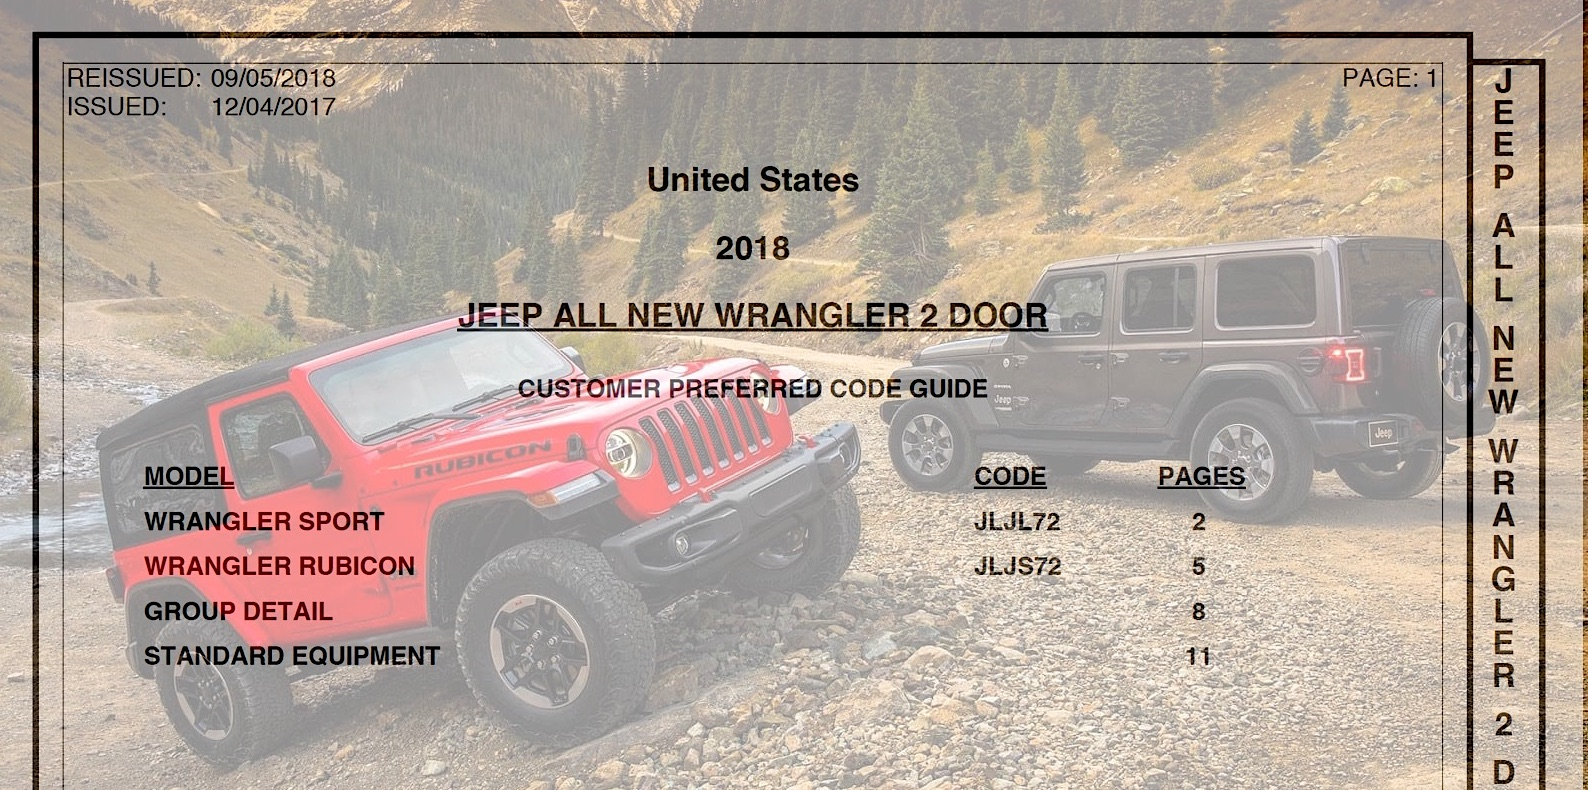 September 2018 Jeep Wrangler Jl Order Guides 2018 Jeep